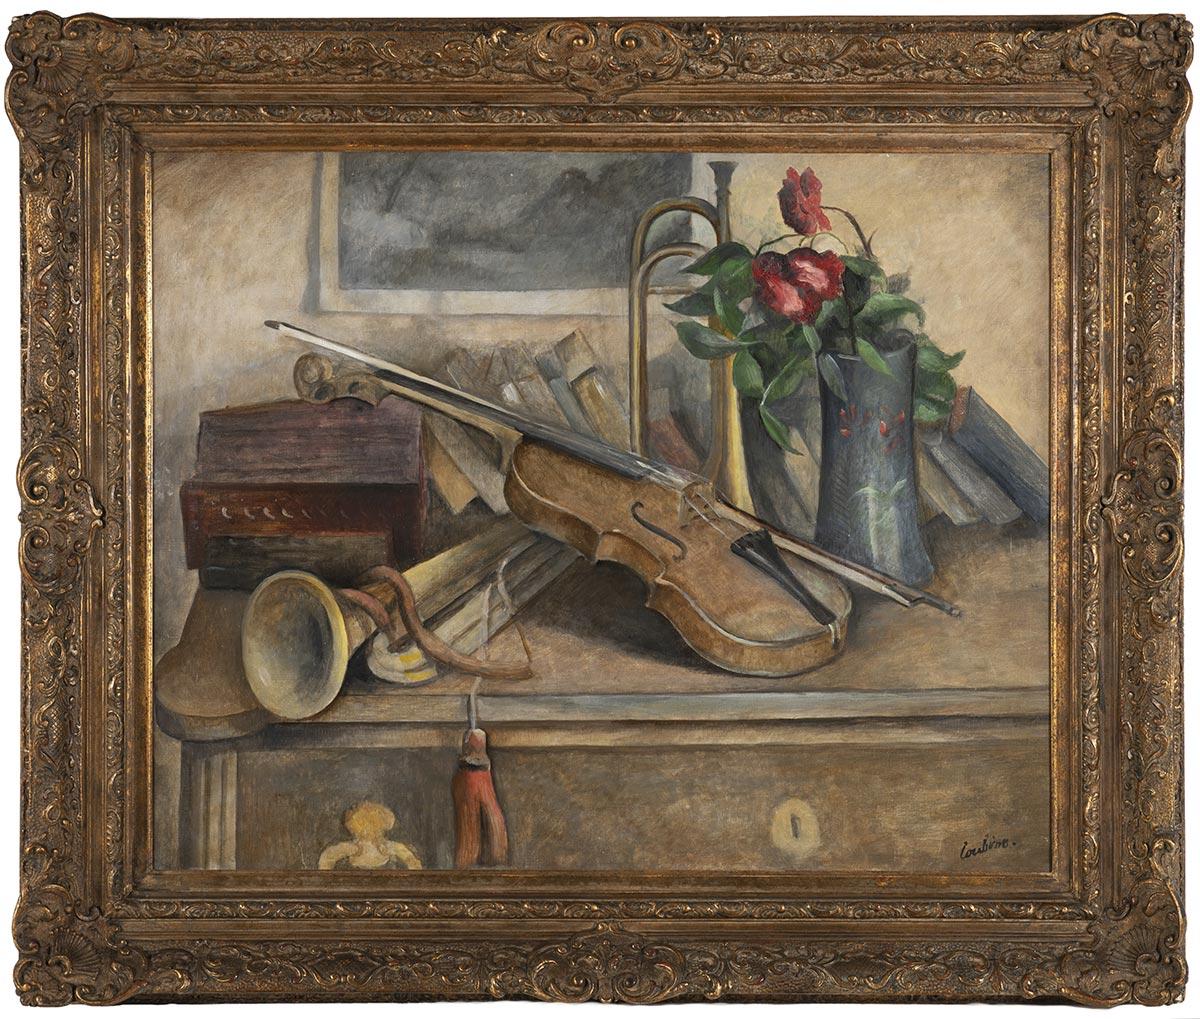 arthouse-hejtmanek-kubin-coubine-zatisi-s-houslemi